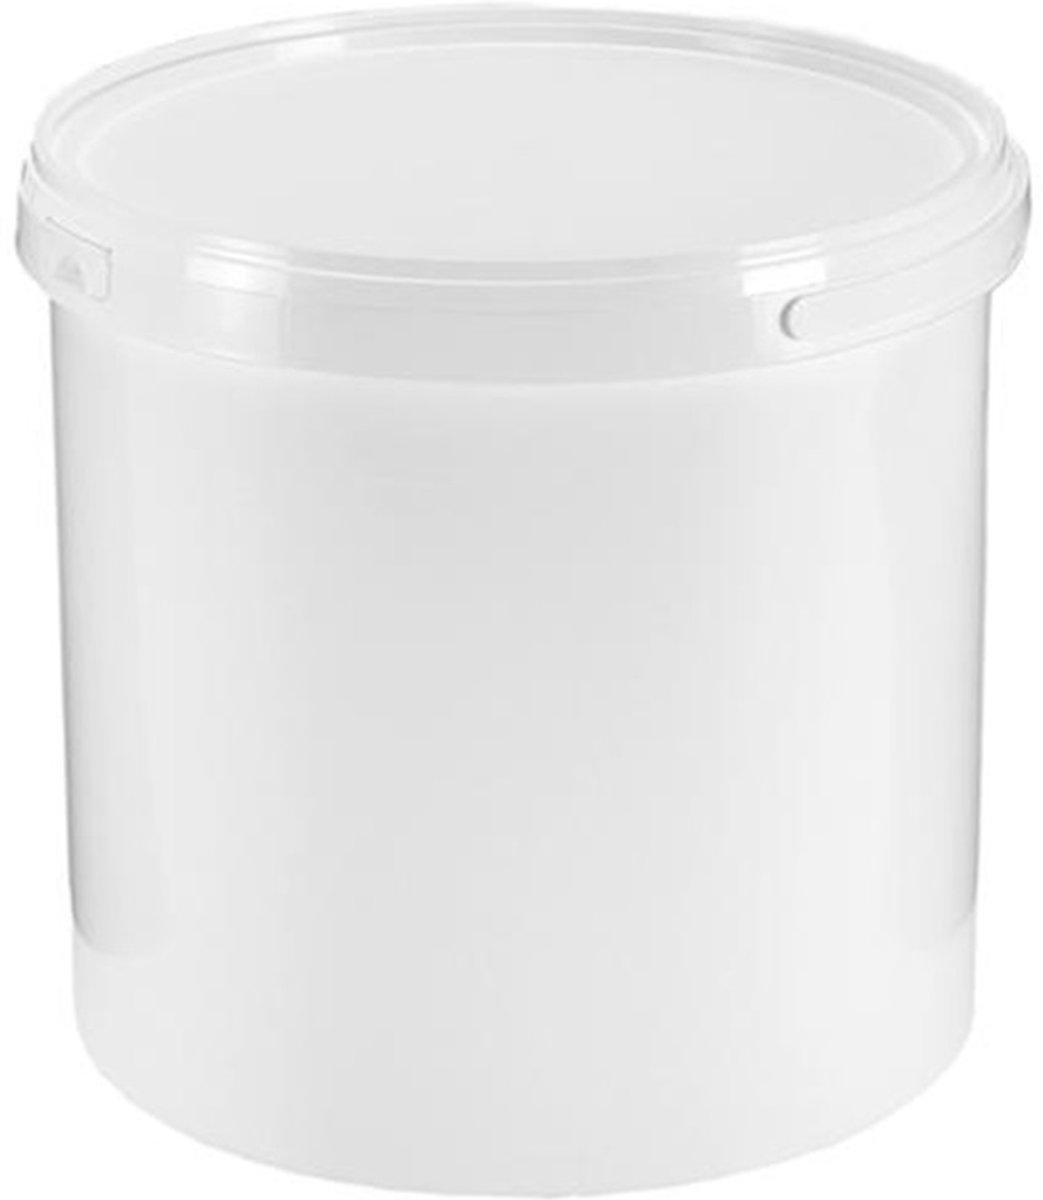 Emmer 8,7 liter Ø234 mm. Wit met deksel. 30 stuks kopen